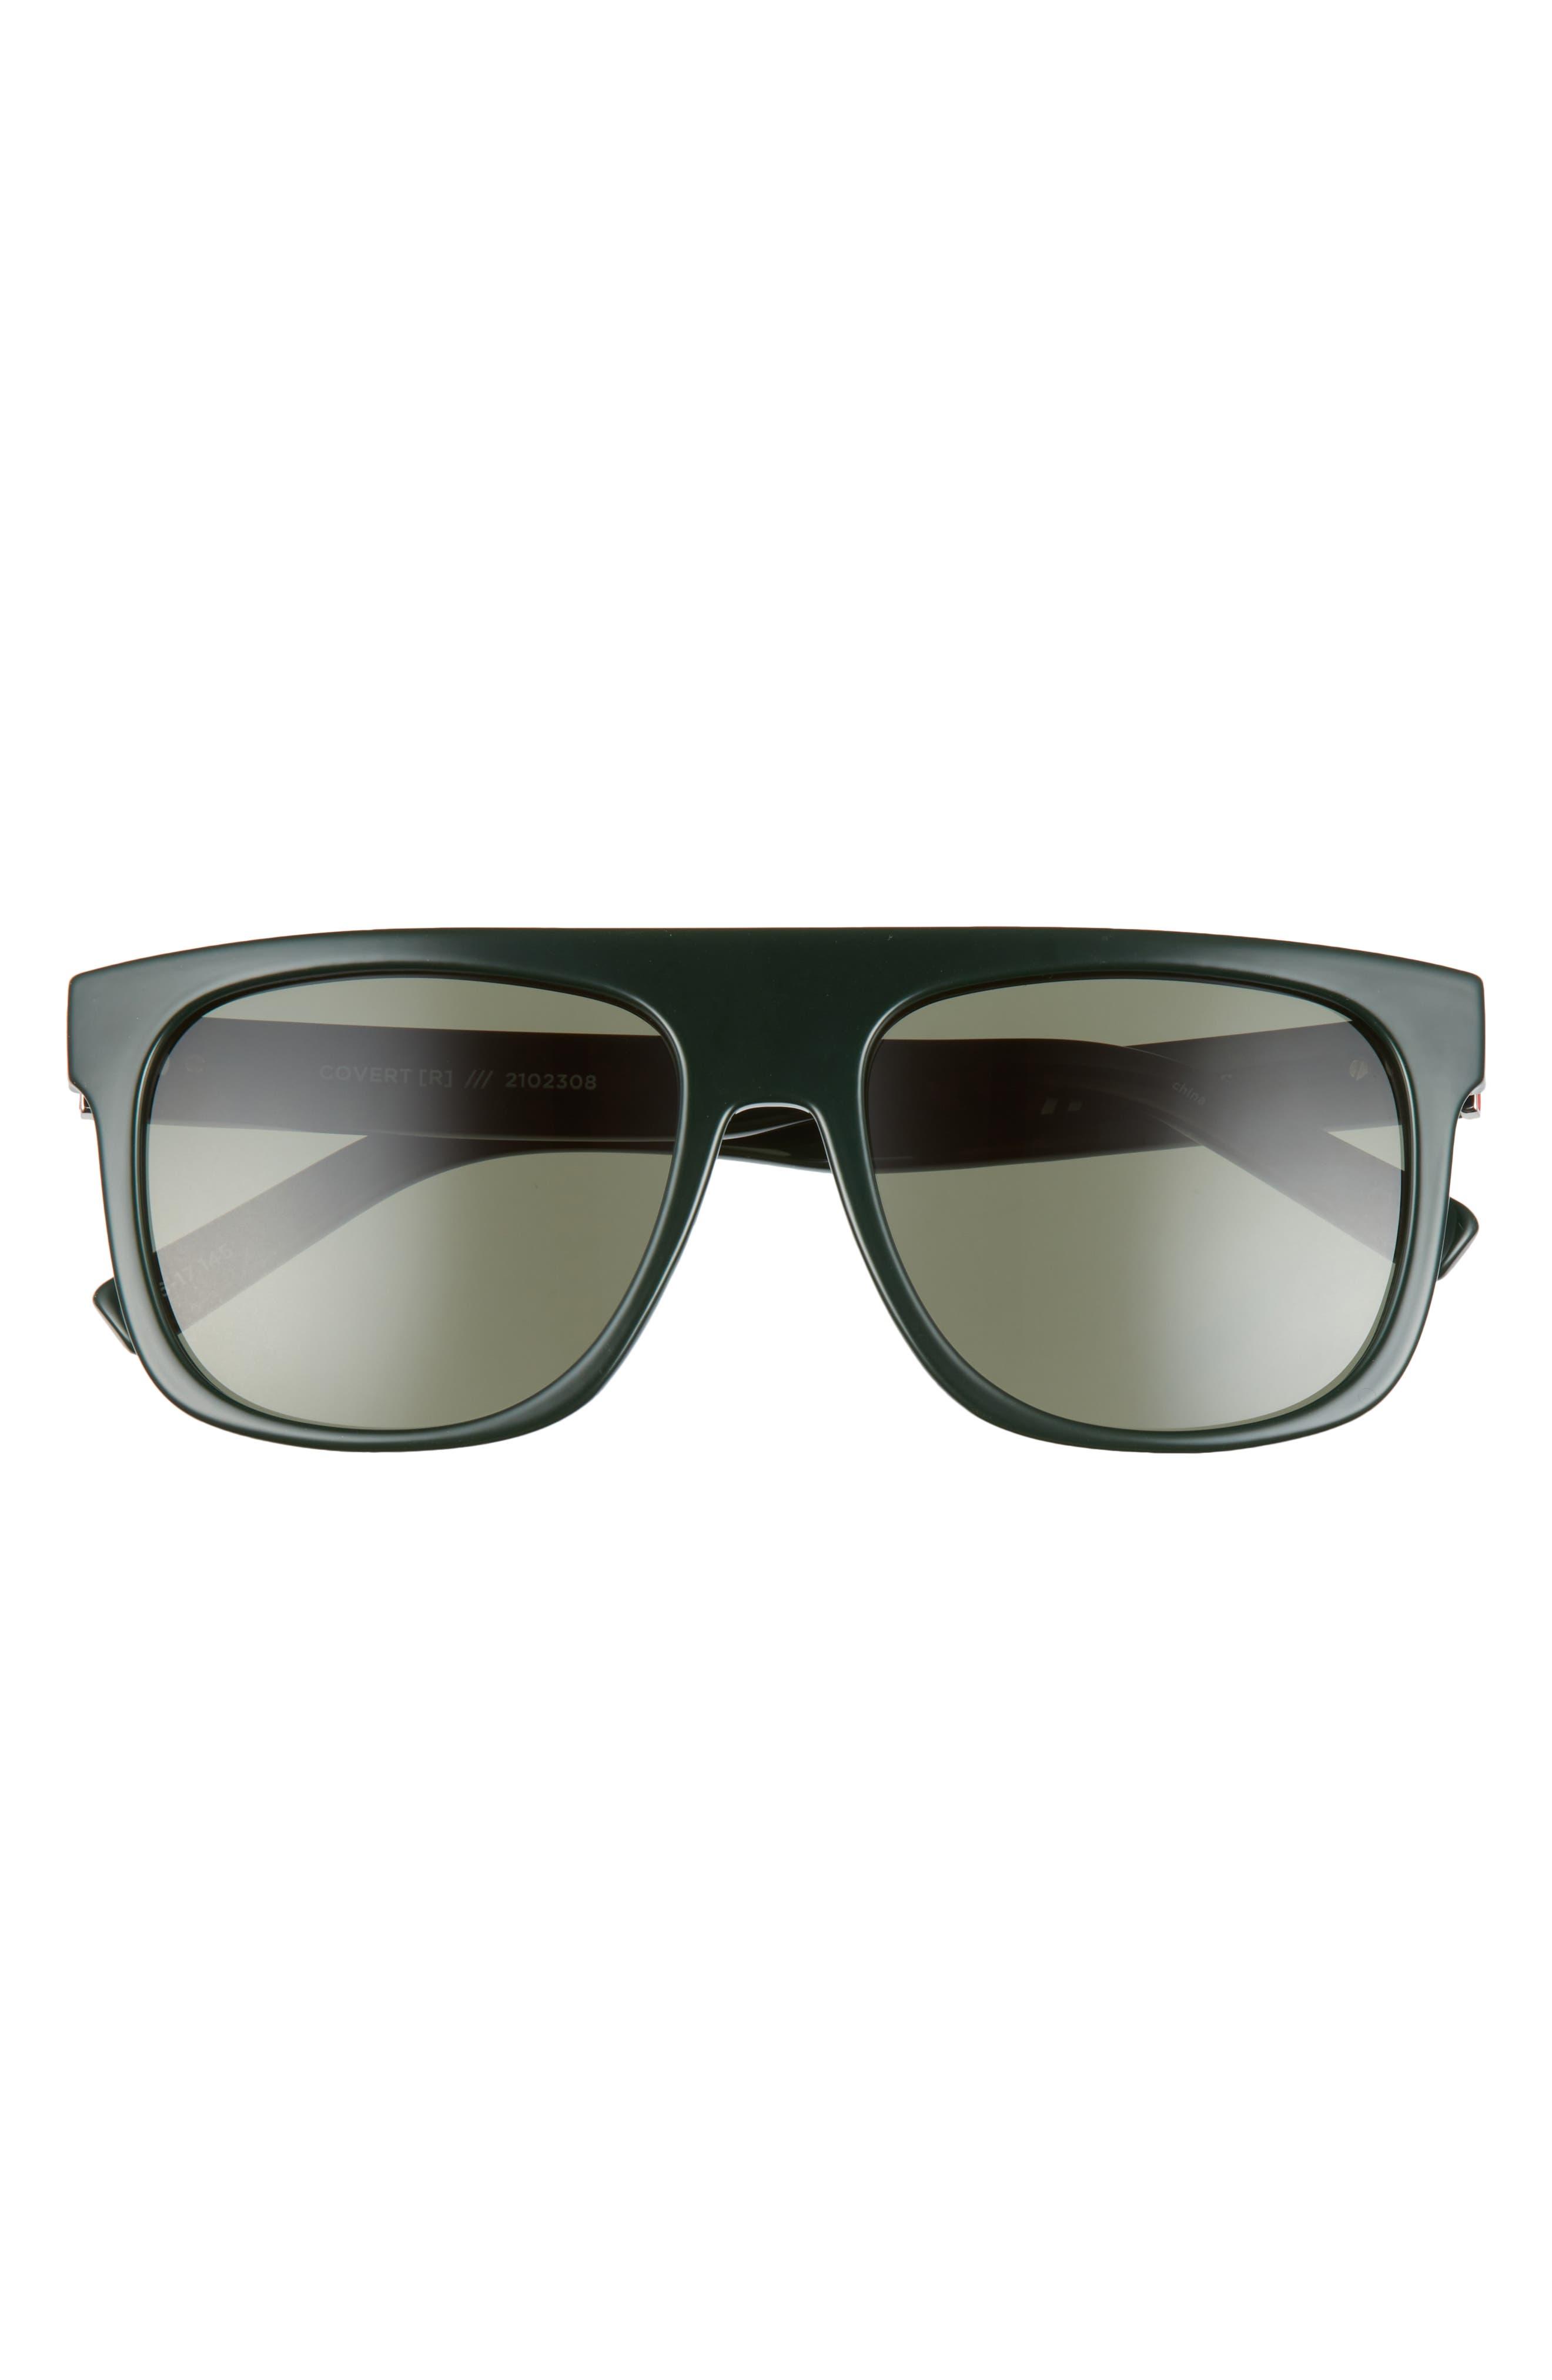 Covert Modern 56mm Flat Top Sunglasses